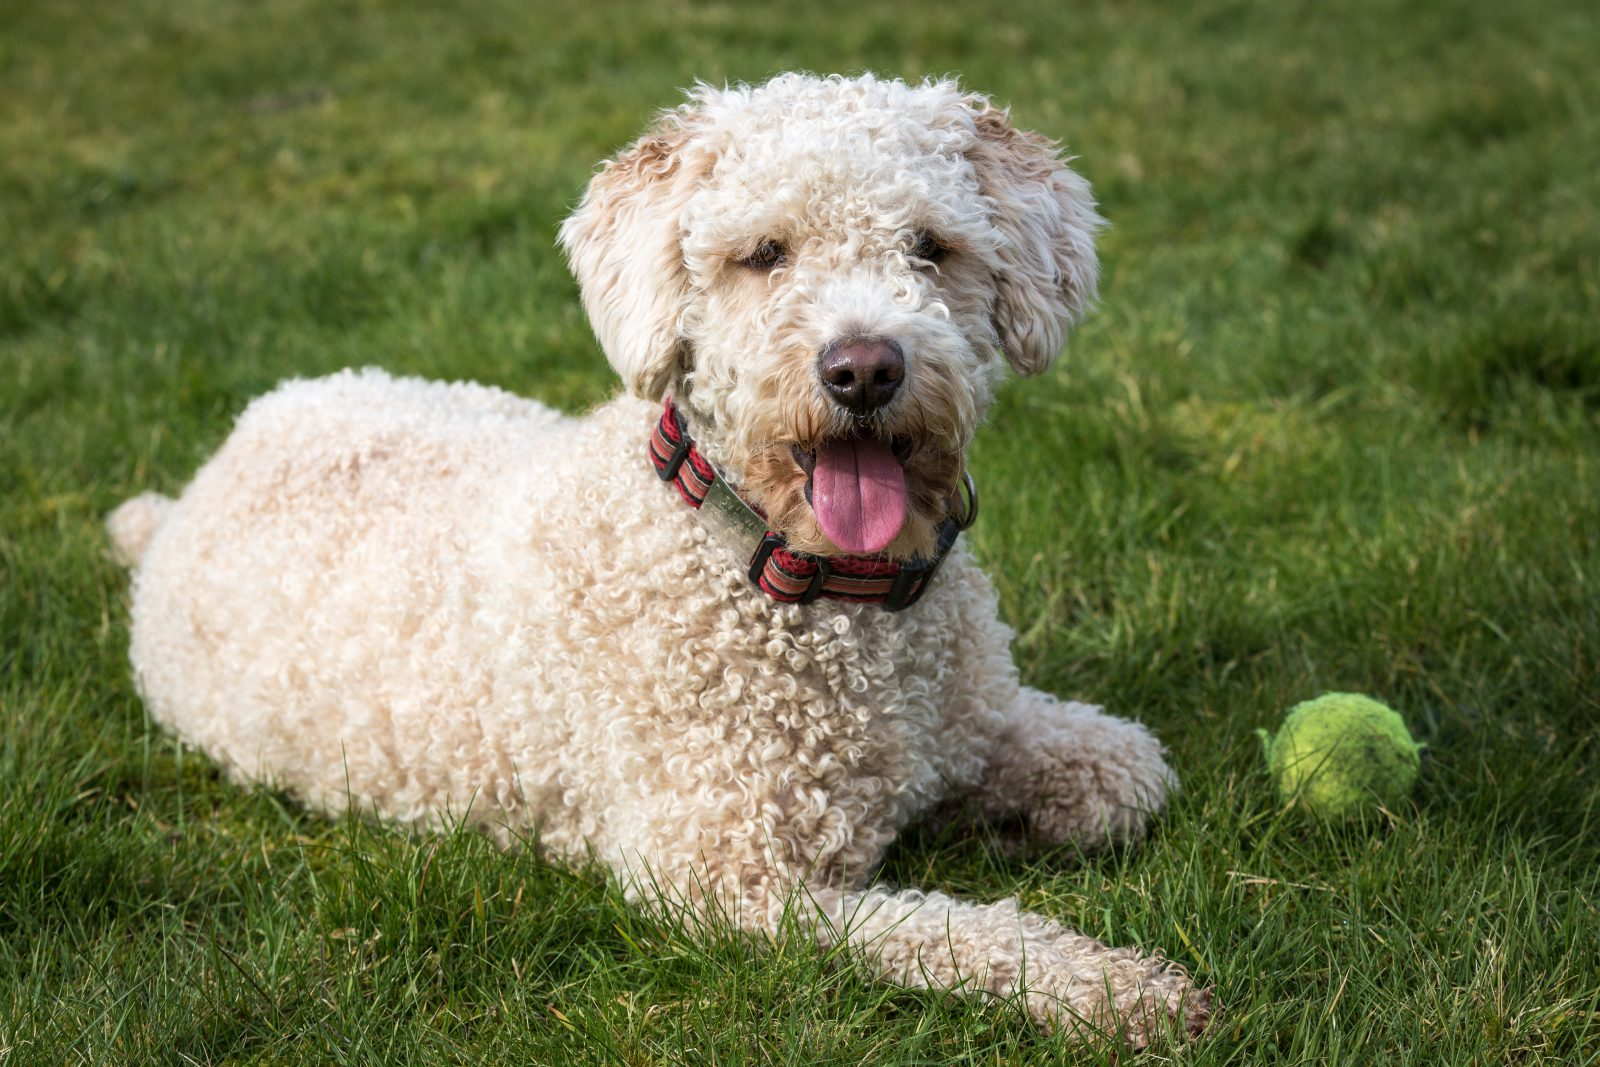 Tipos de Brinquedos para cachorros: Cão D'água espanhol brincando com uma bolinha de tênis preferida.